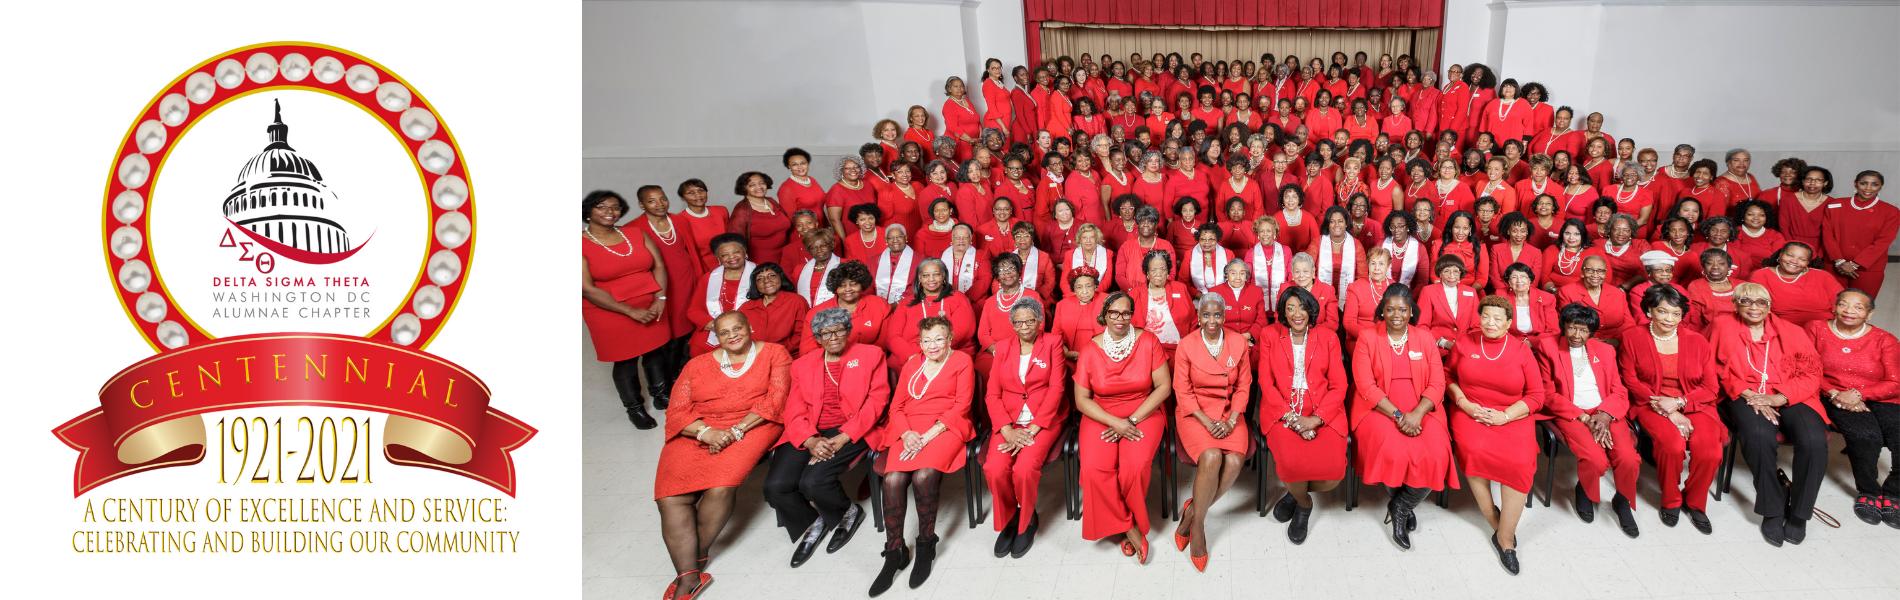 Washington DC Alumnae Chapter